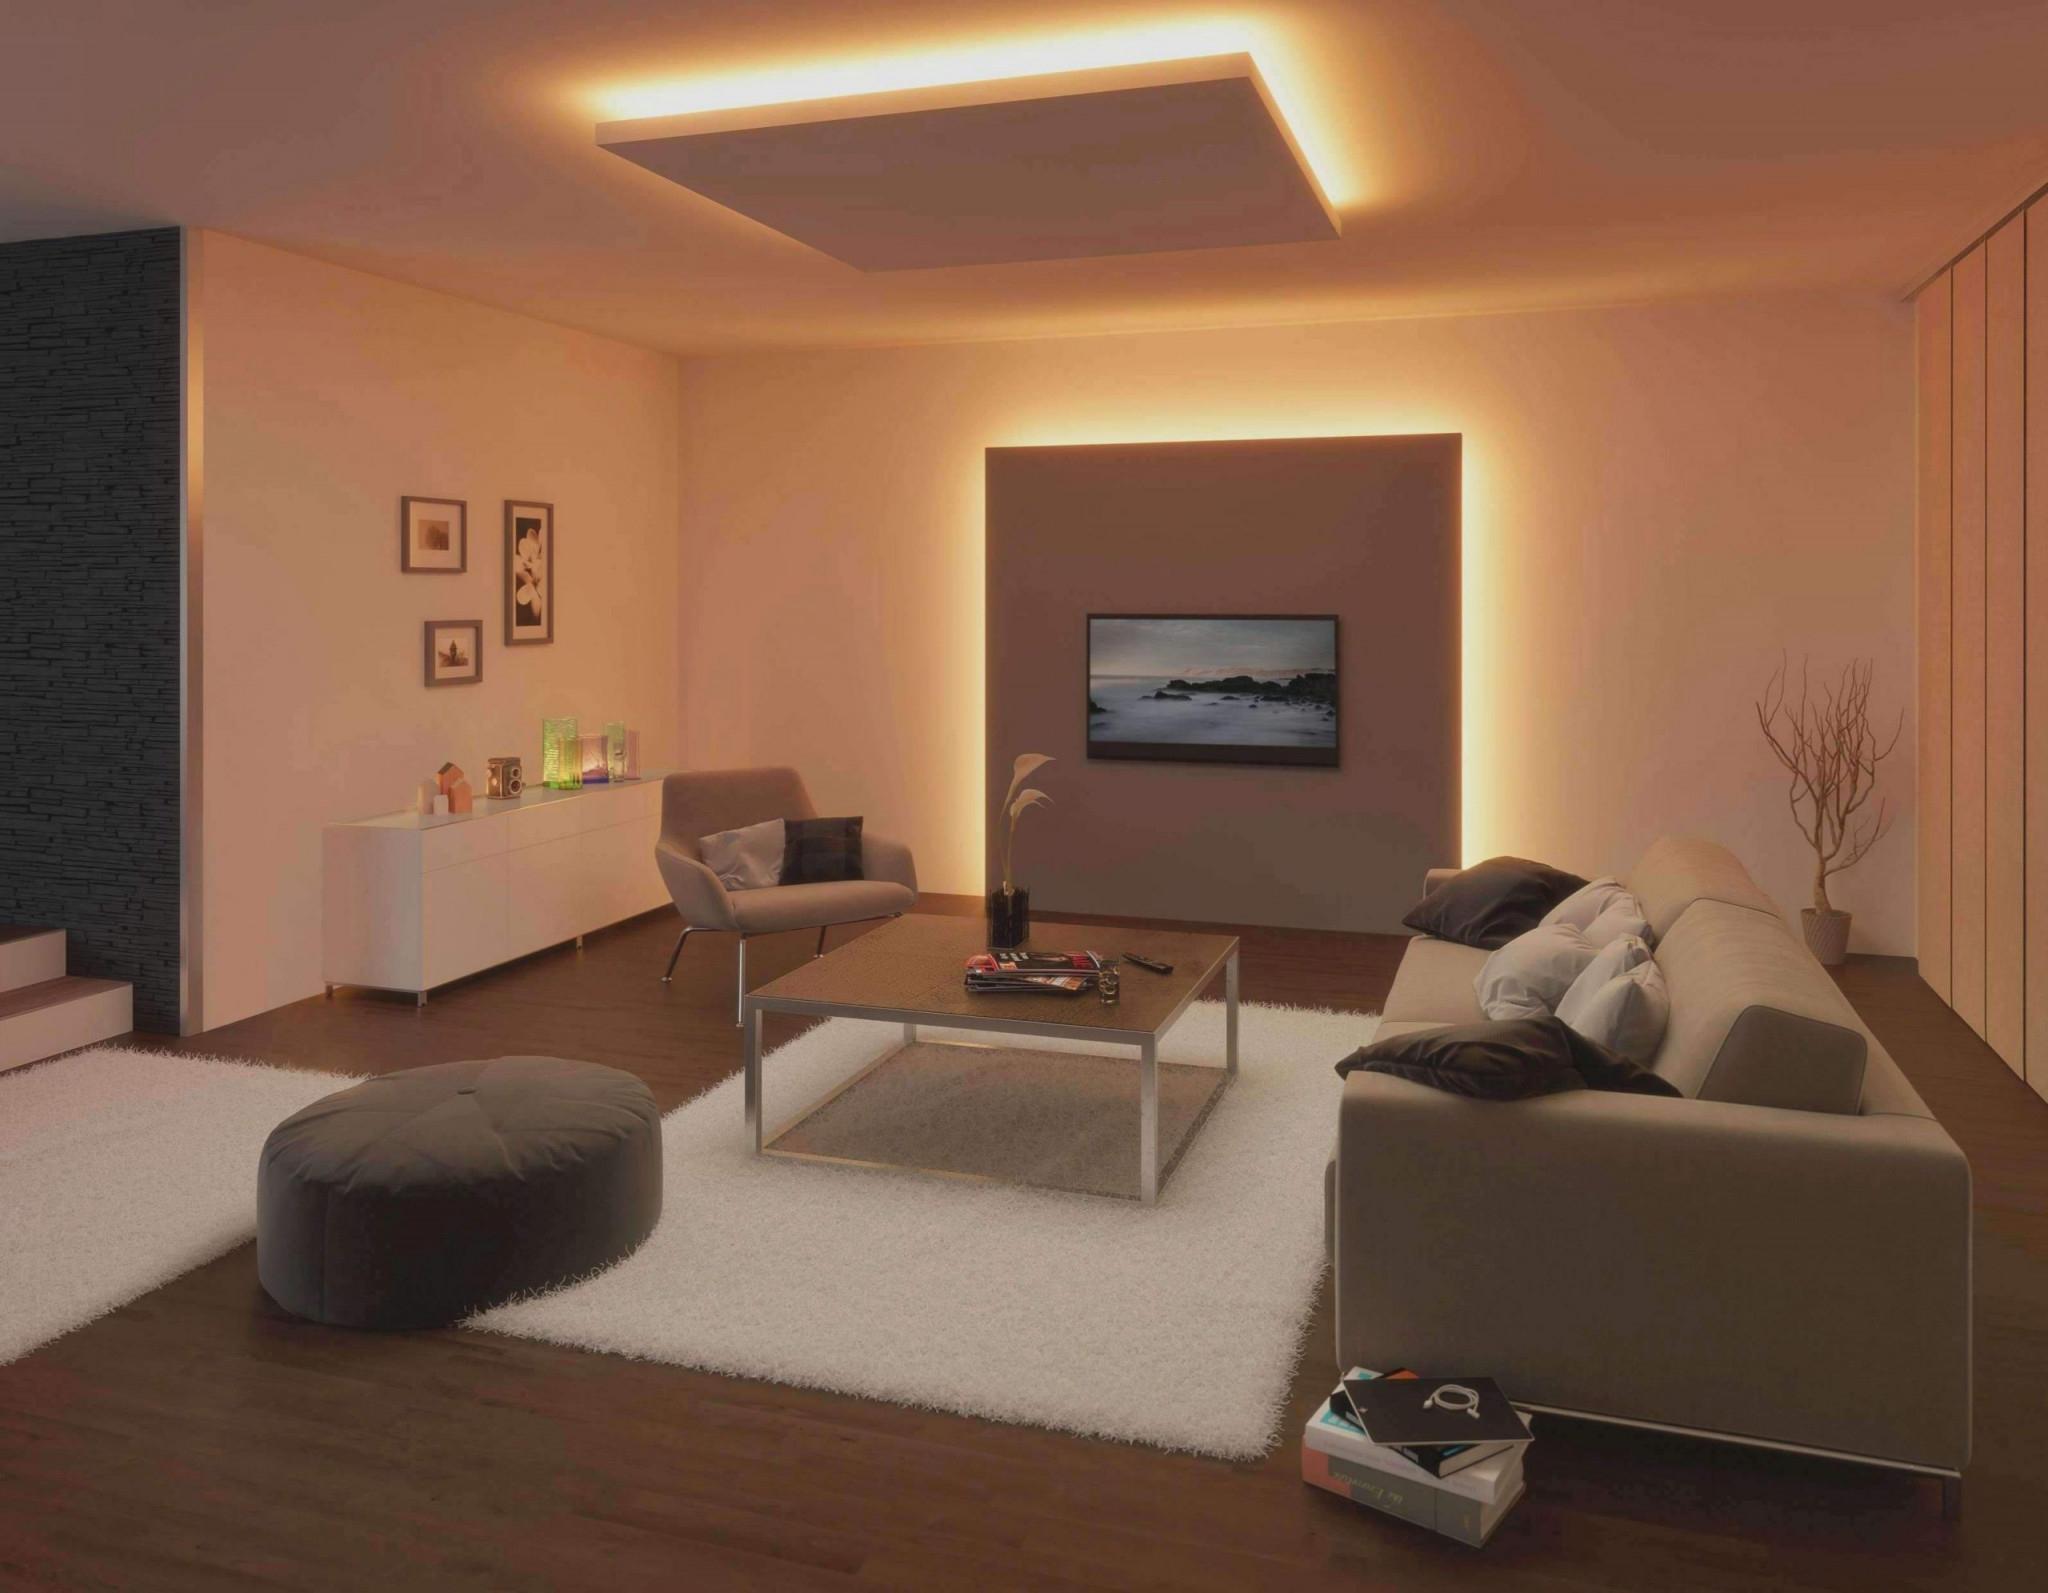 Coole Wohnzimmer Luxus Coole Wohnzimmer Frisch Coole von Coole Wohnzimmer Lampe Bild